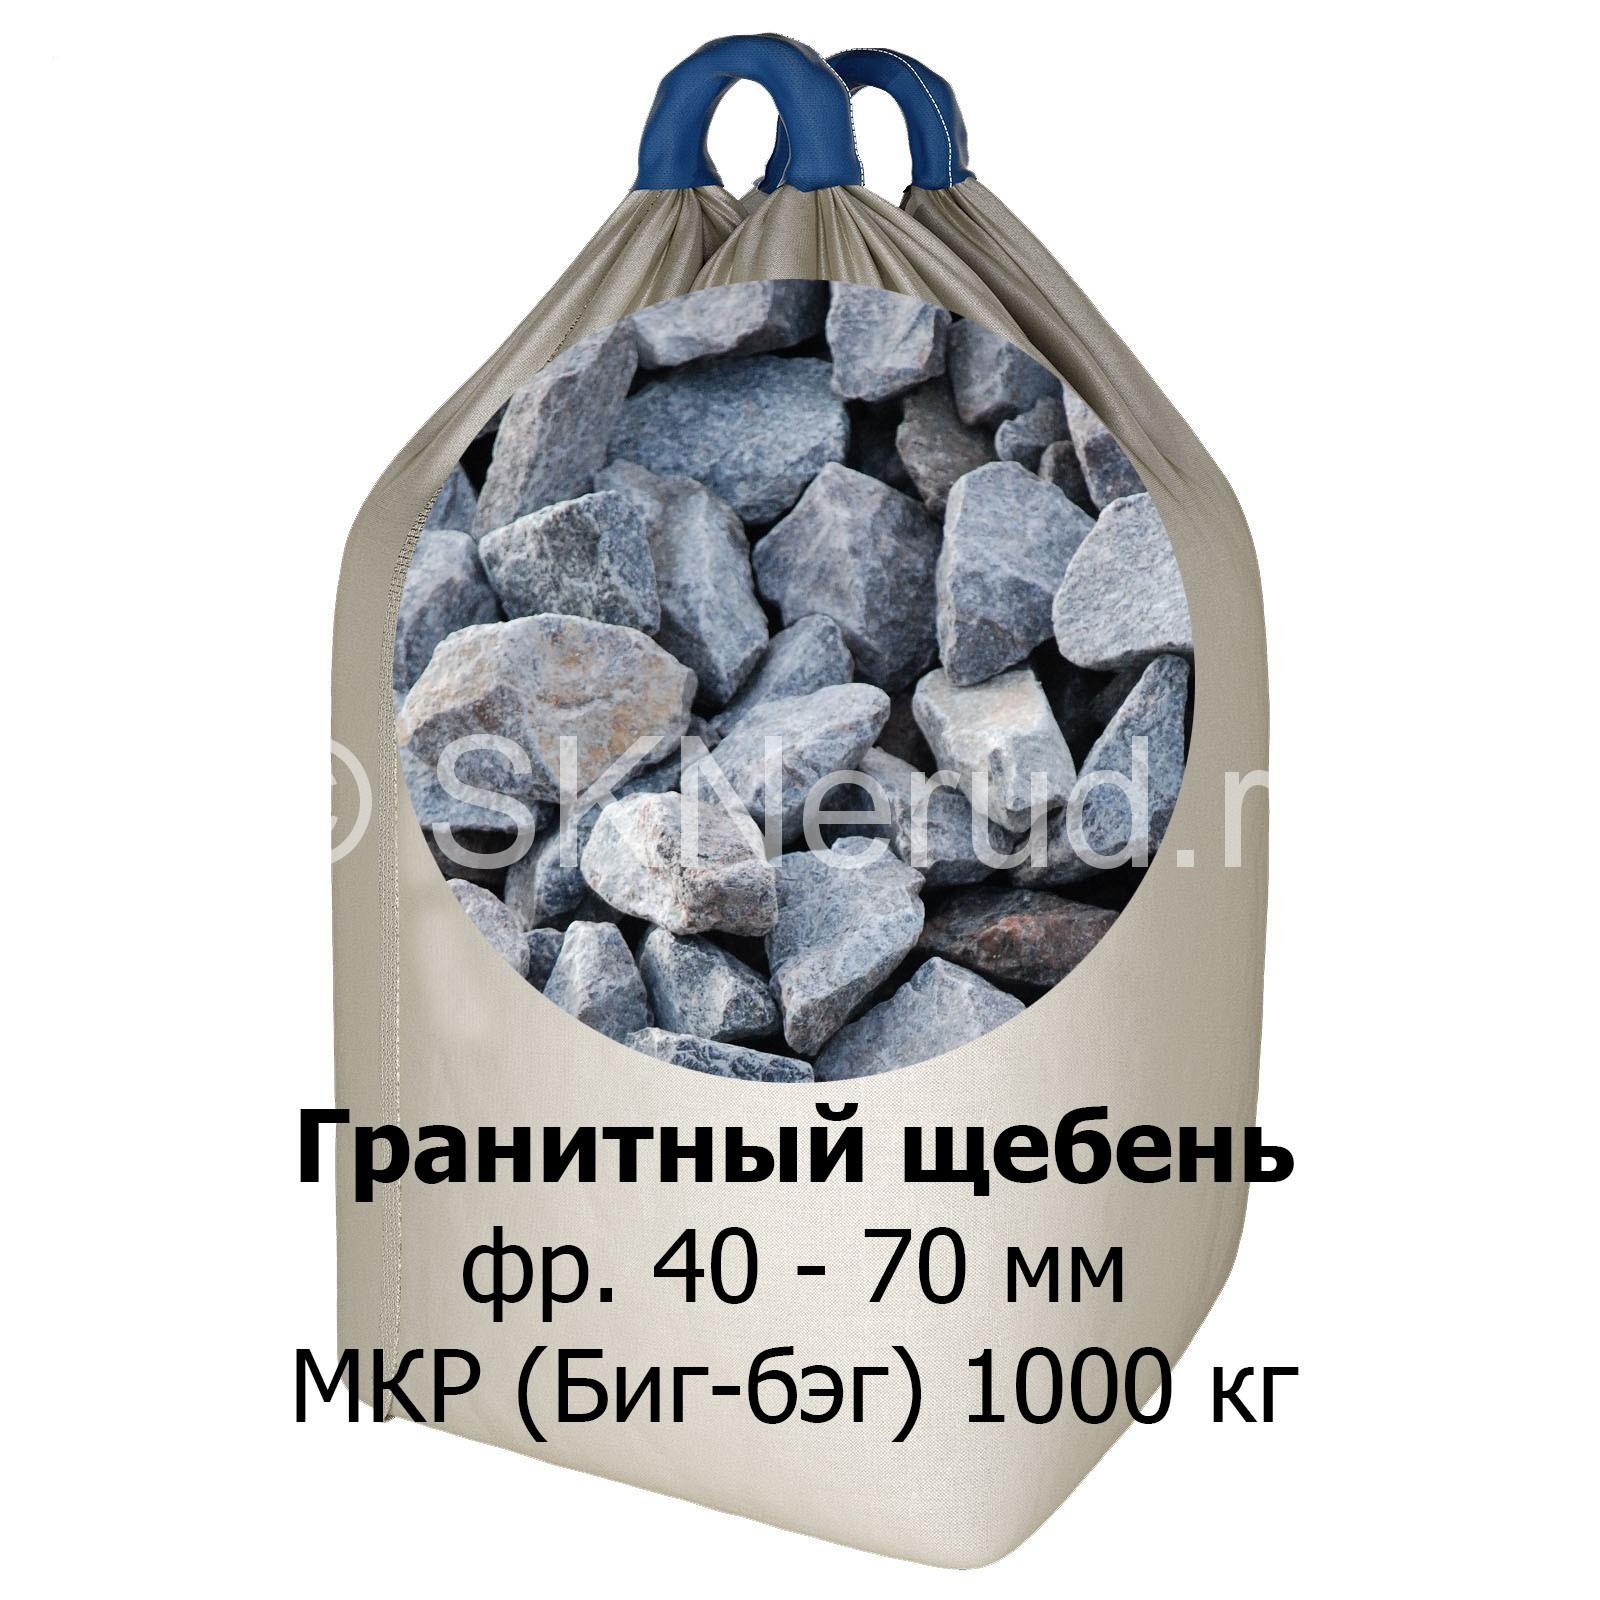 Щебень гранитный 40-70 в МКР (Биг-бег)